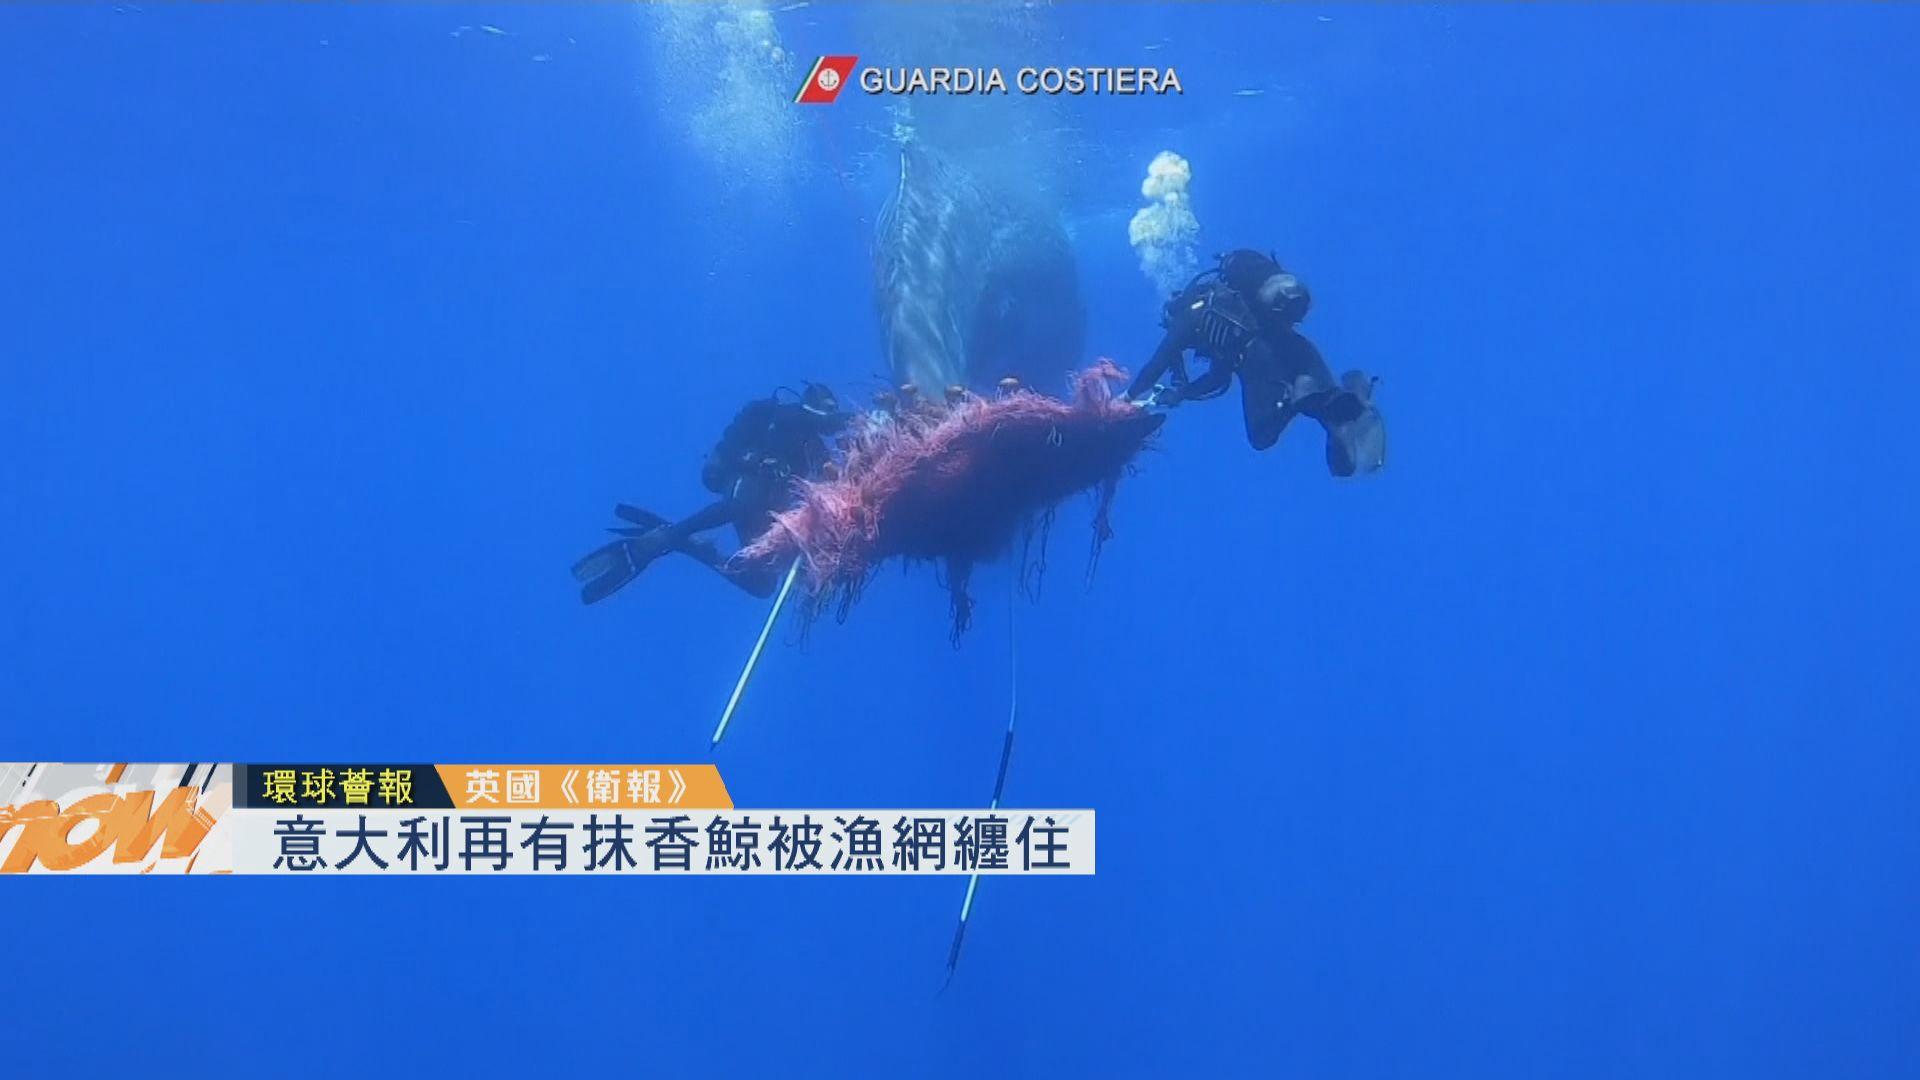 【環球薈報】意大利再有抹香鯨被漁網纏住